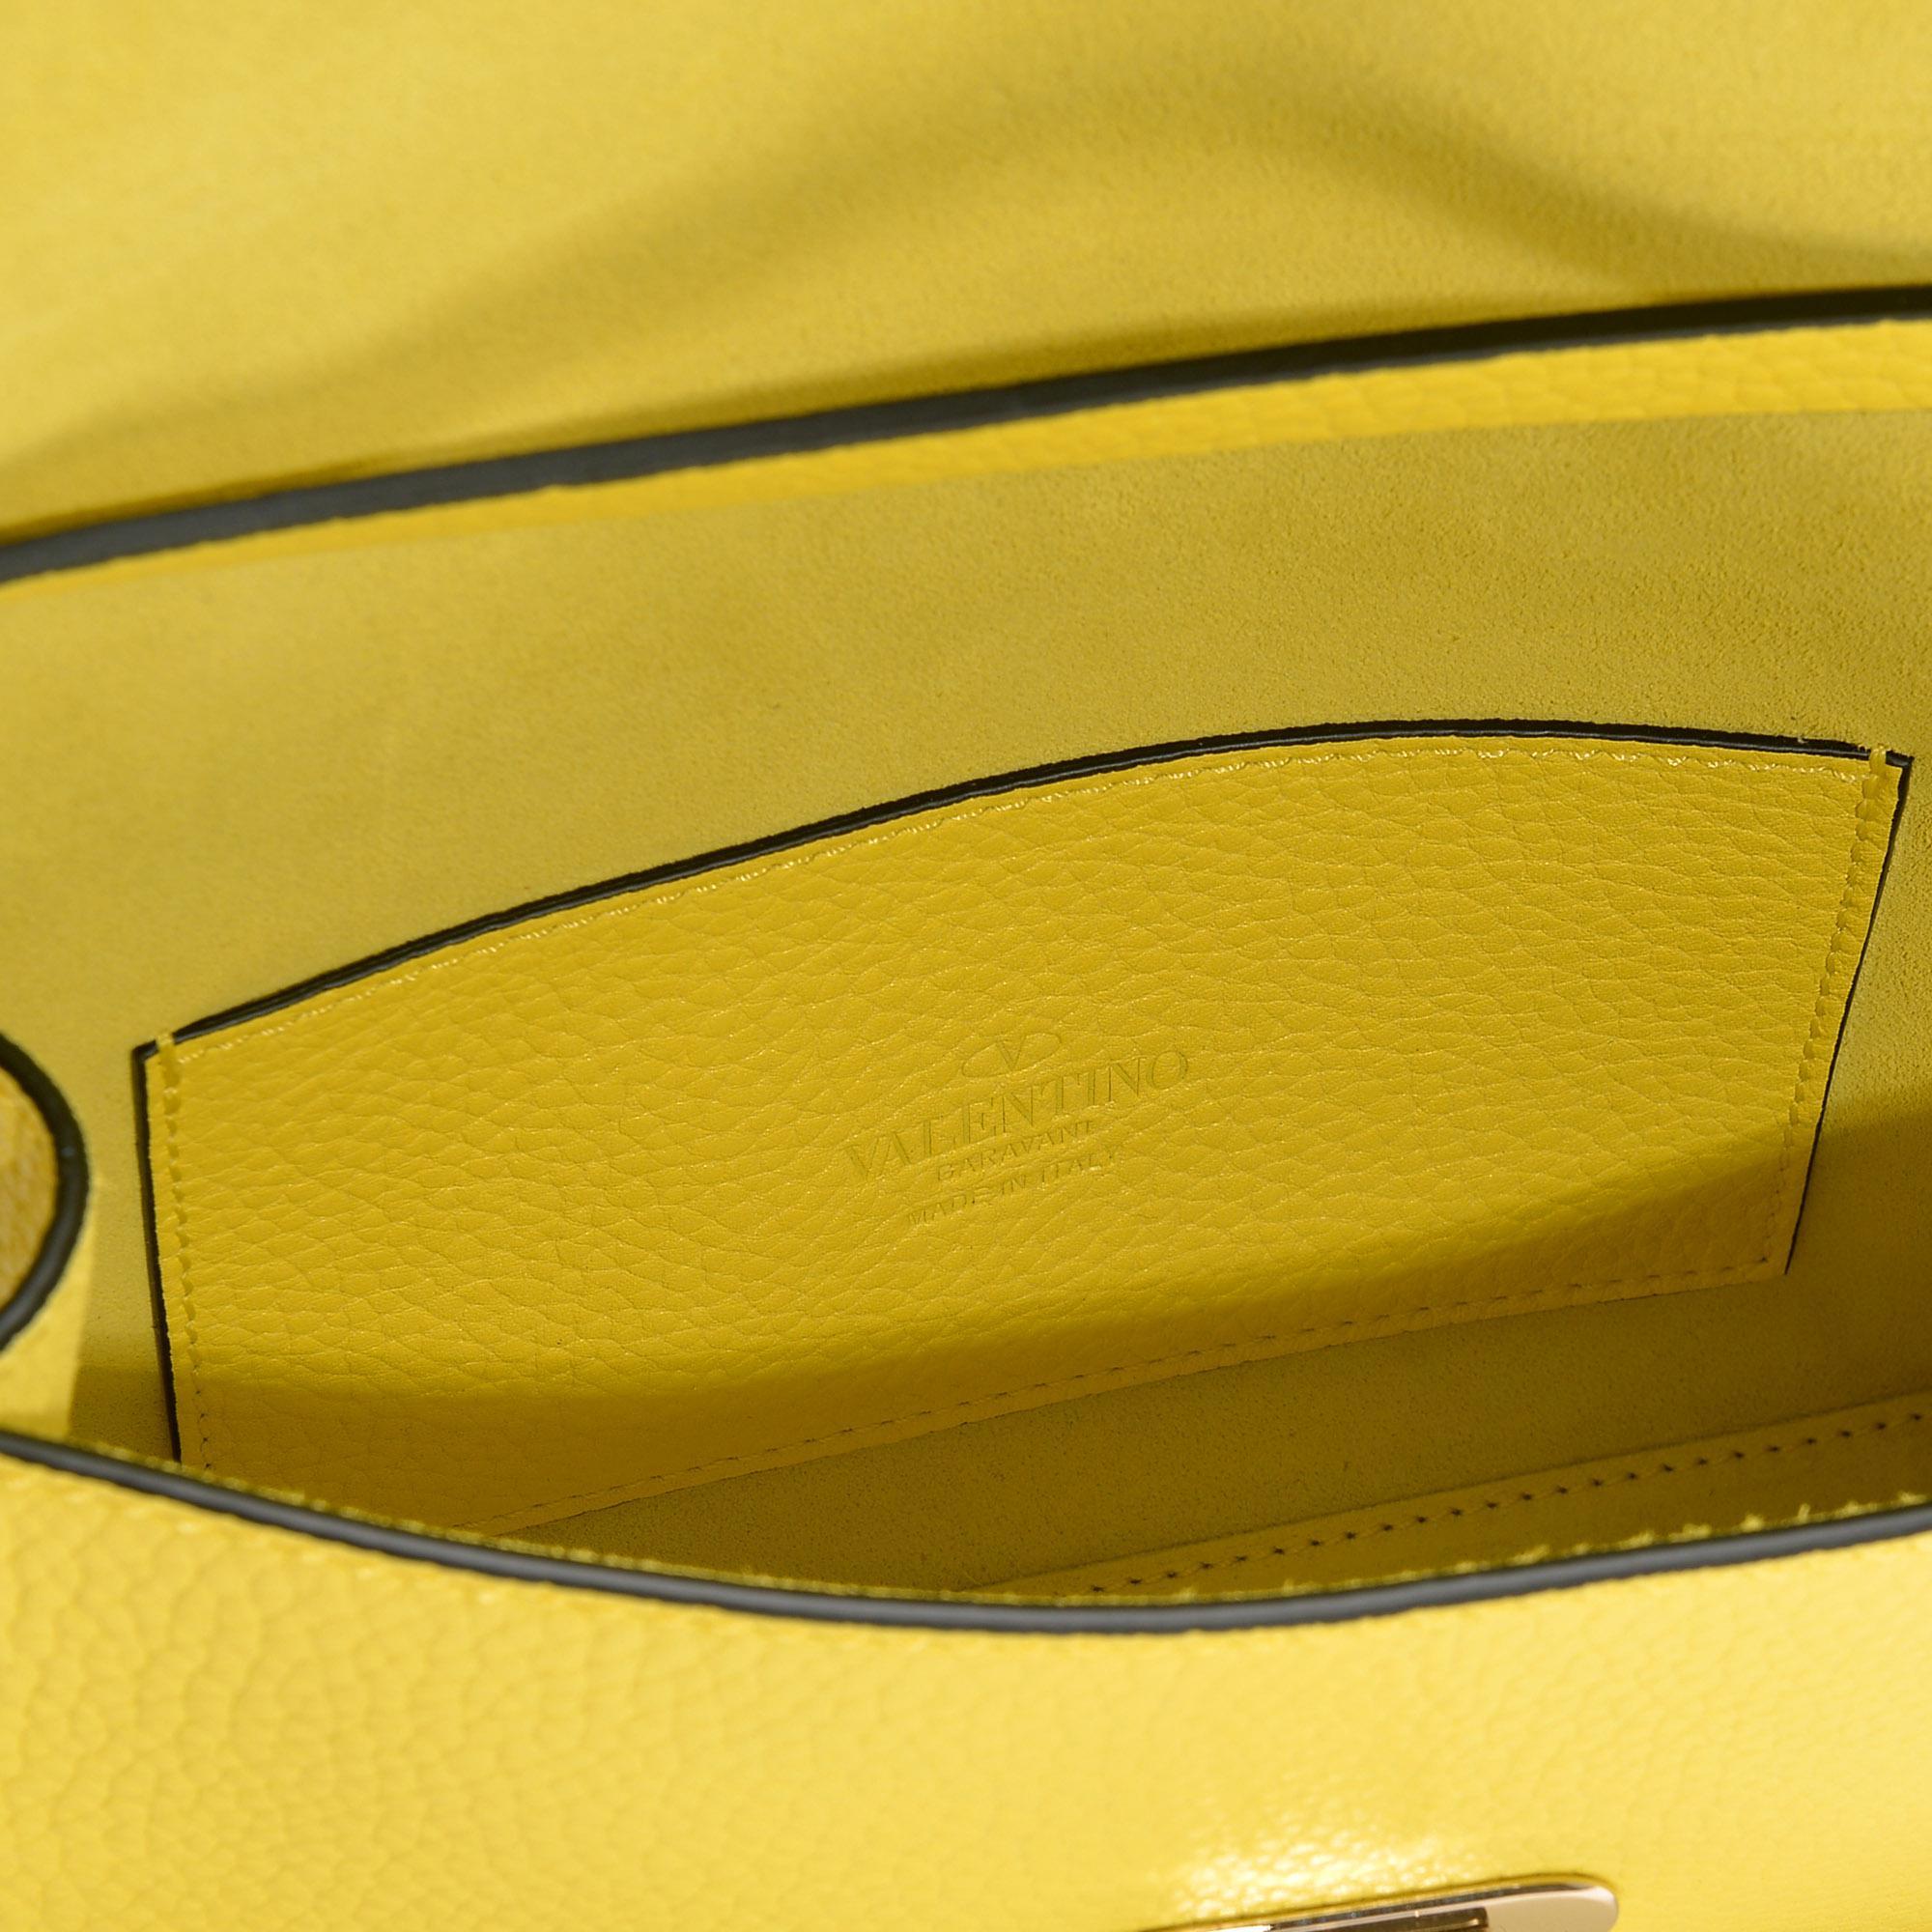 2ee17d7e3c3 Lyst - Sac à main rockstud medium 181 en cuir de veau grainé jaune ...